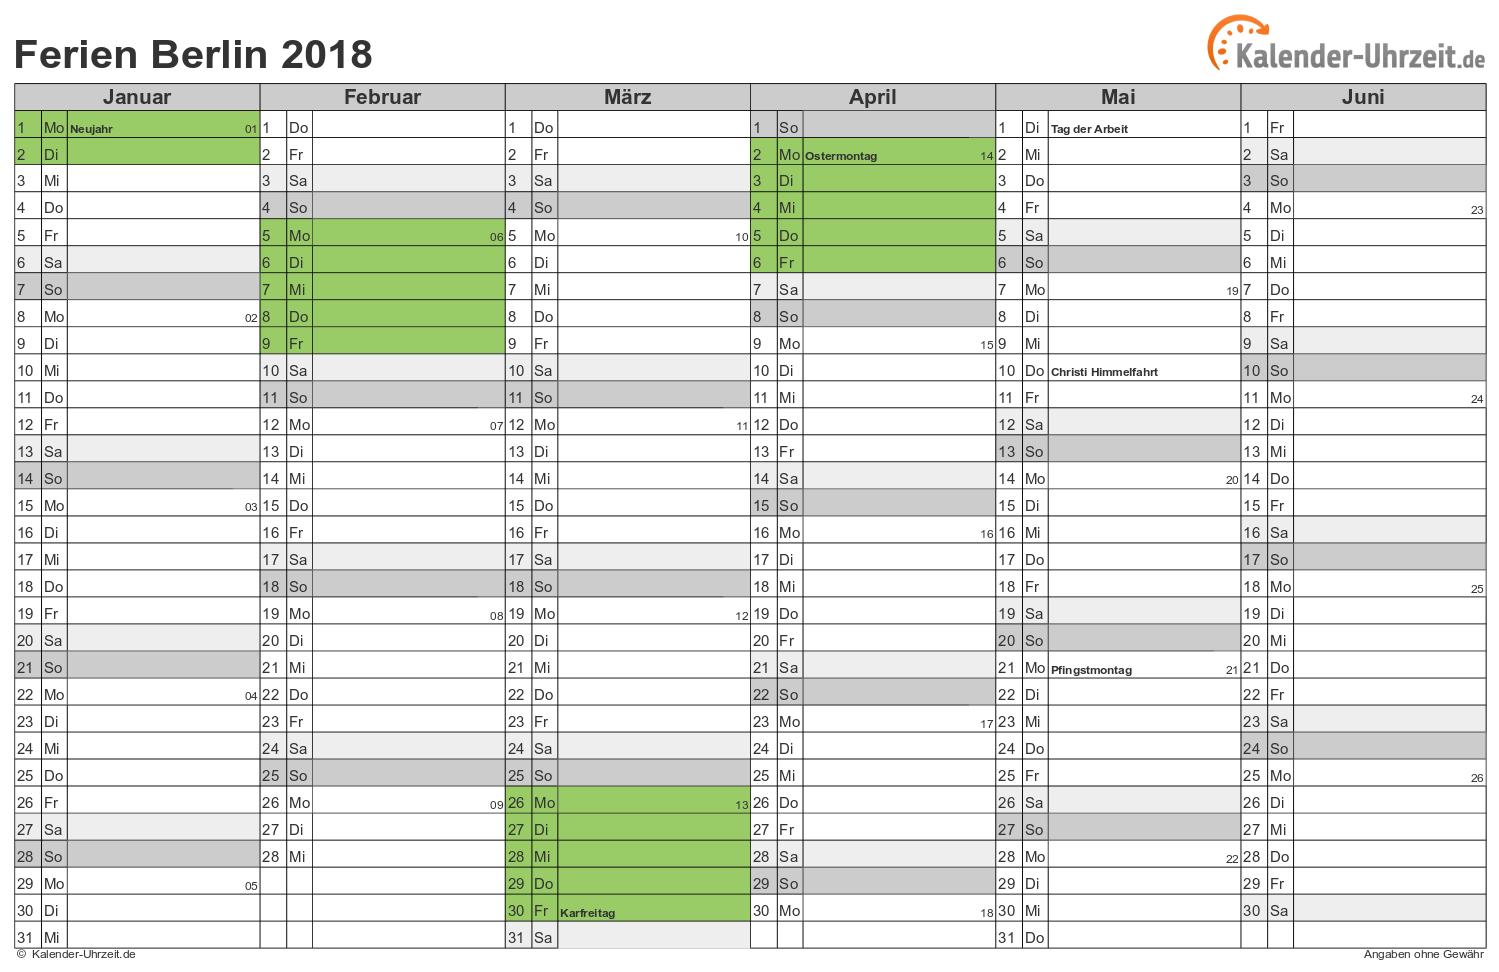 Ferien Berlin 2018 Ferienkalender Zum Ausdrucken